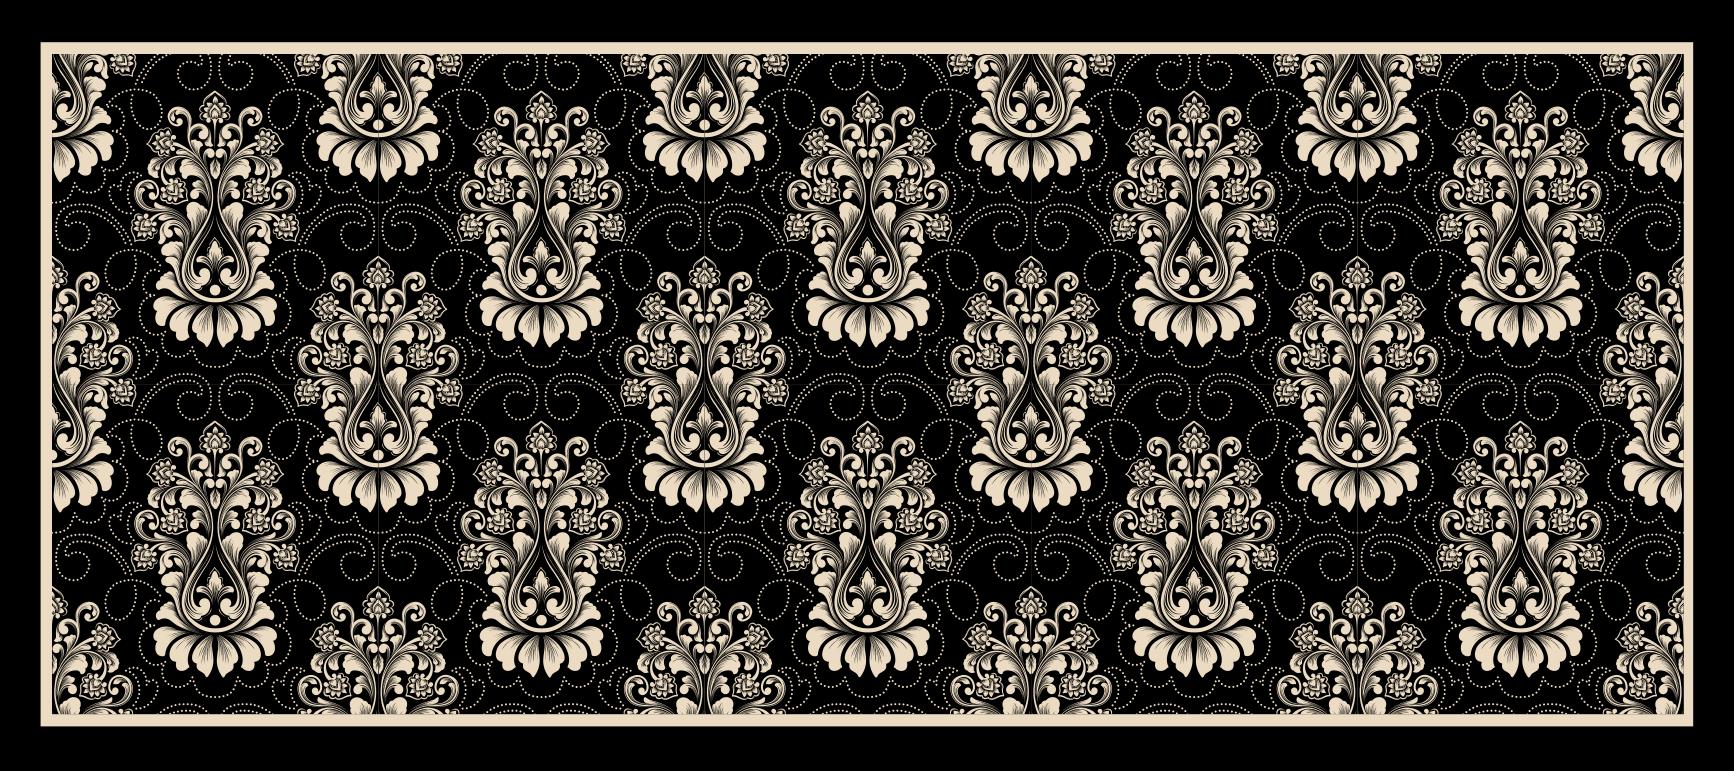 TenStickers. Dywan winylowy Abstrakcyjny wzór czarny. Oryginalny dywan winylowy w kolorze czarnym dostępny w kilku kolorach, które mogą nadać elegancji twojemu salonowi. Dostępny w 50 kolorach.